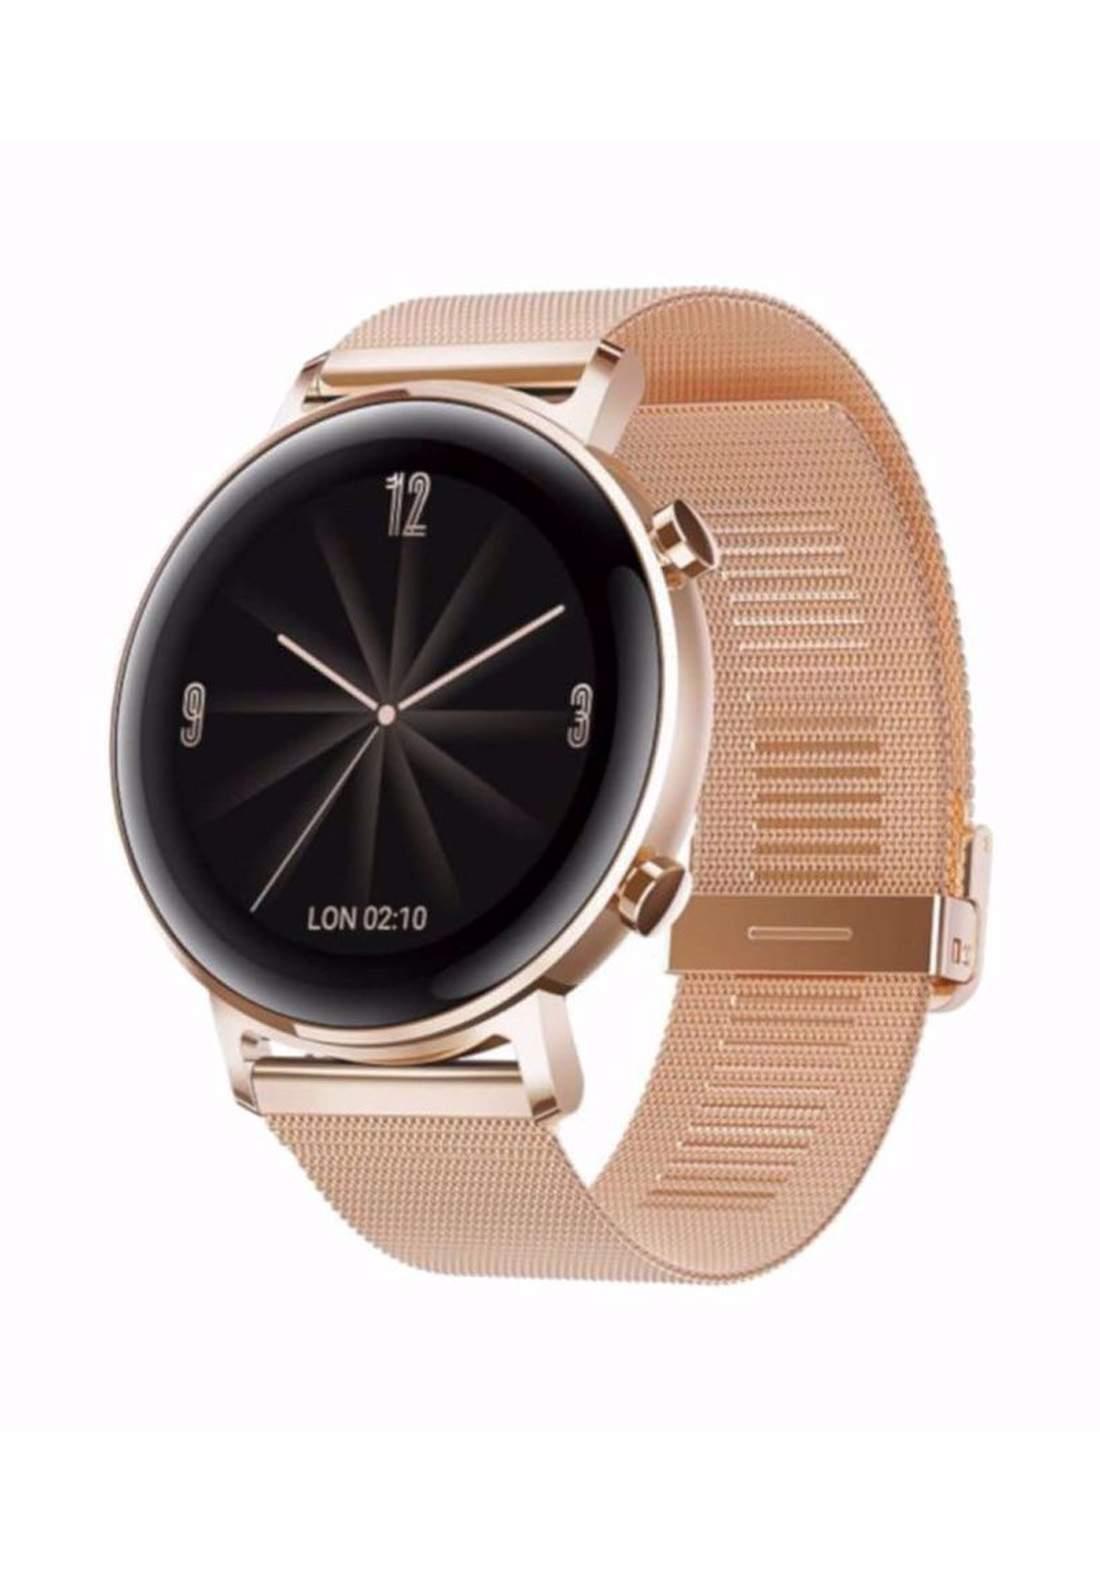 Huawei Watch GT2 Bluetooth Smart Watch - Rose Gold ساعة ذكية